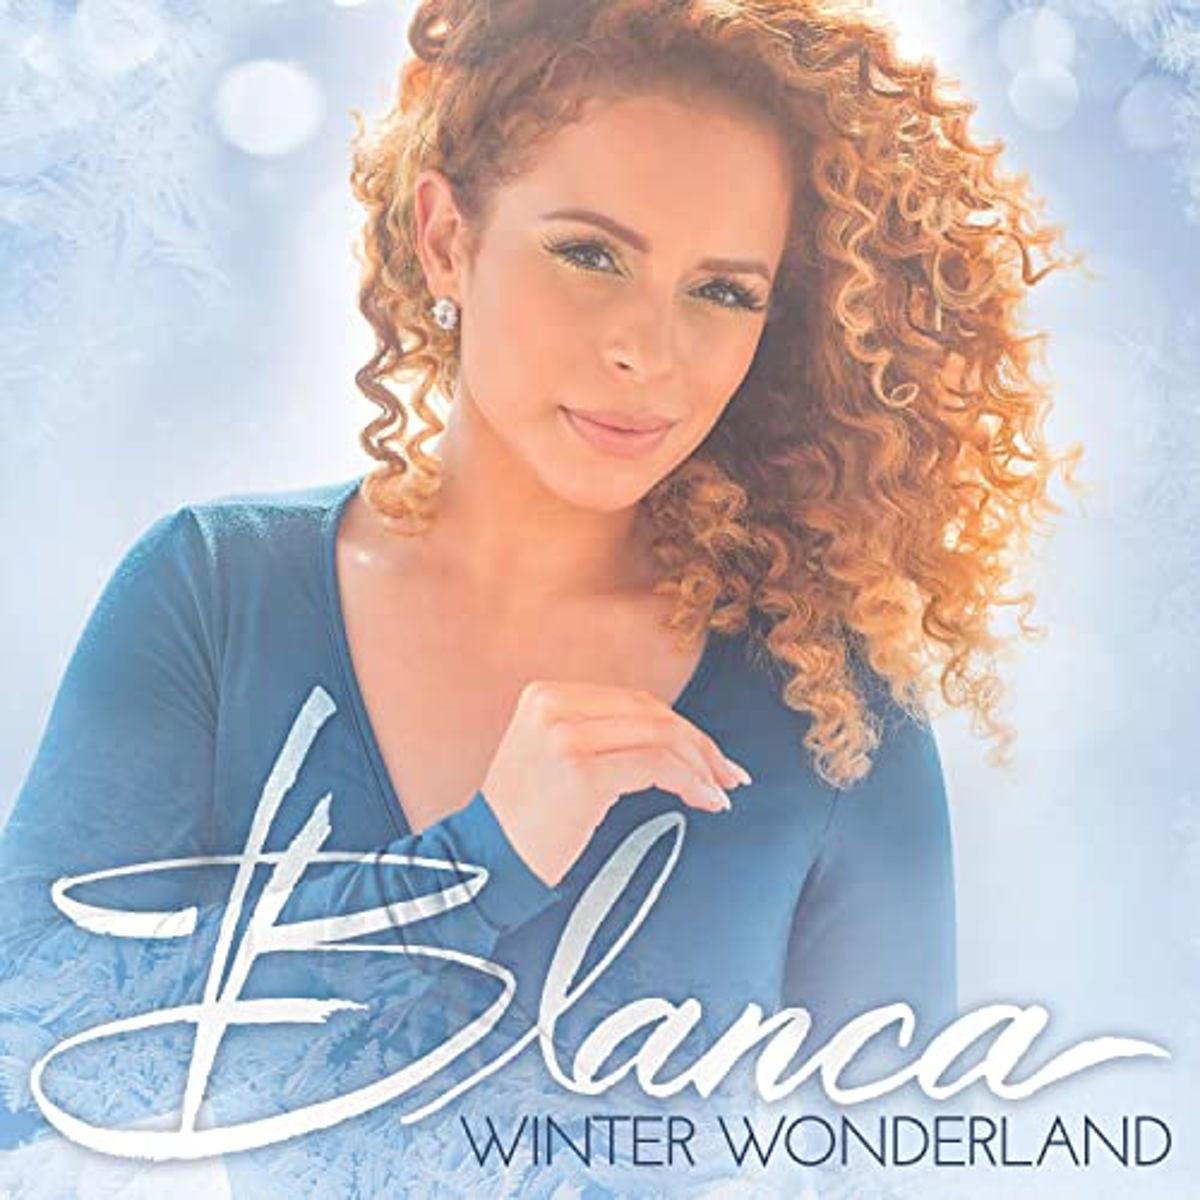 Blanca winter wonderland